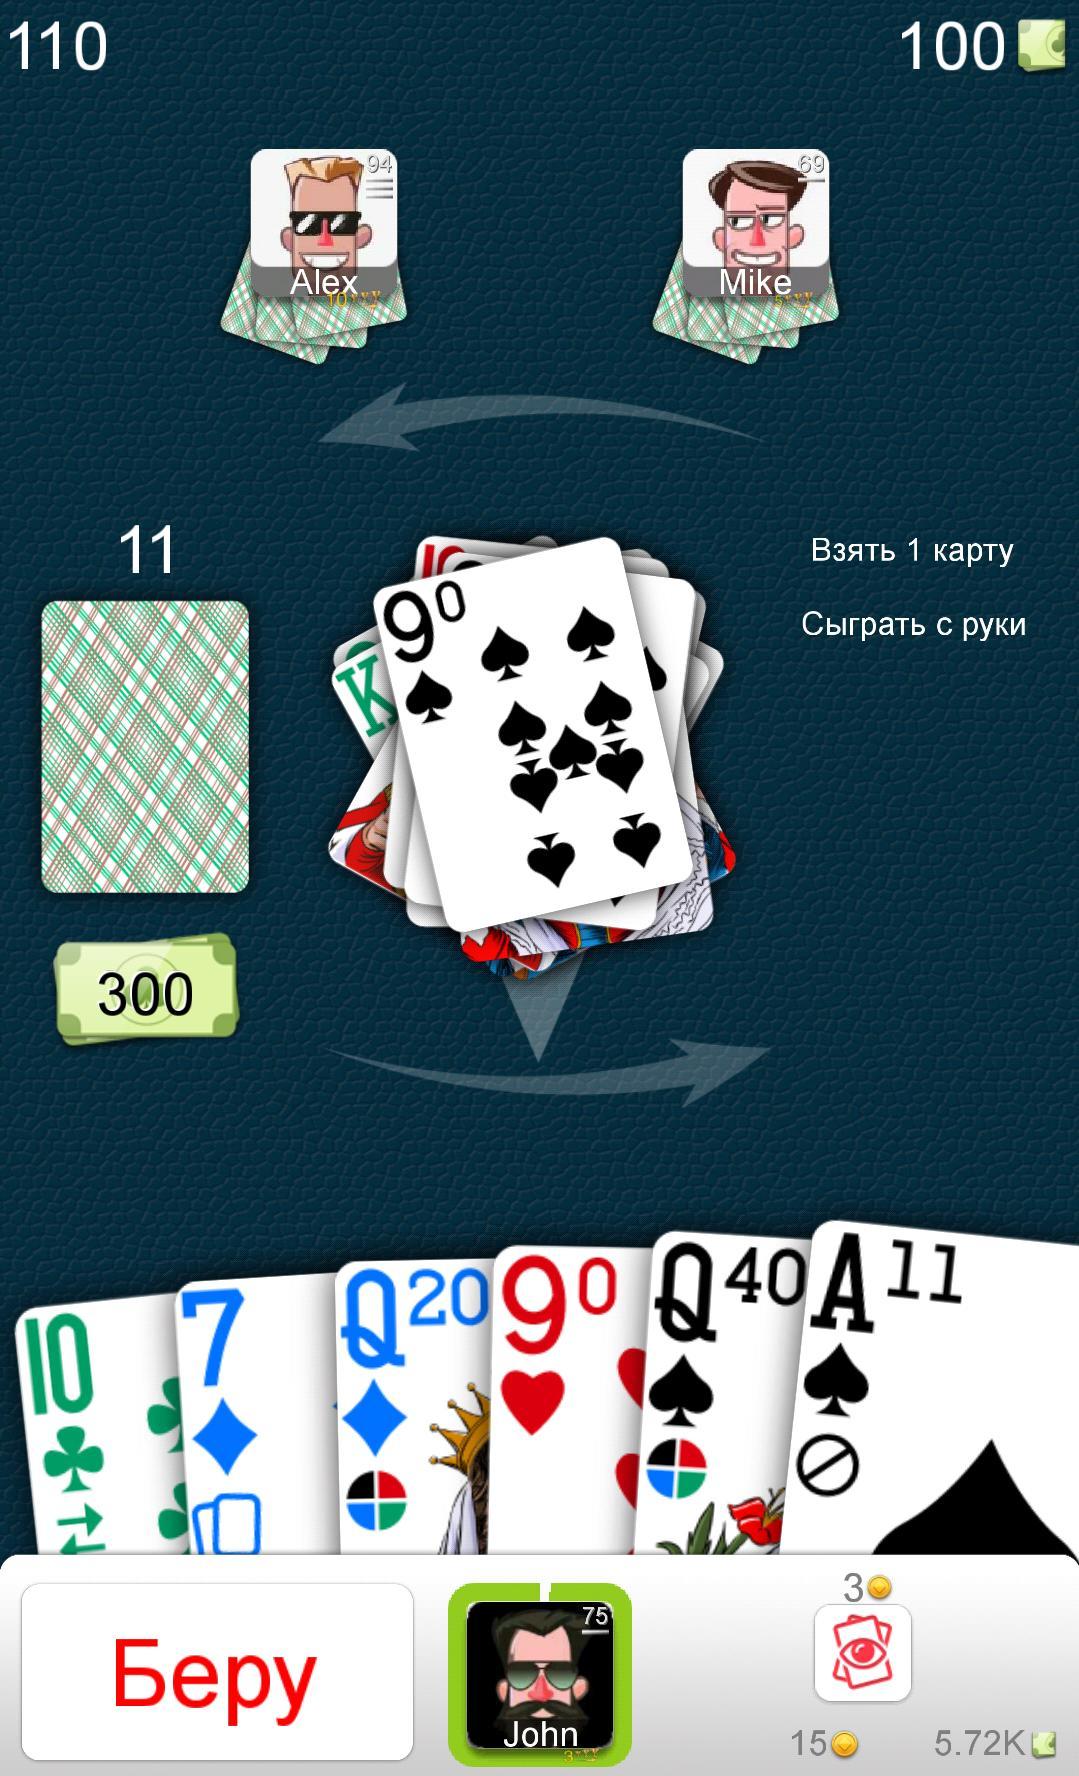 Играть 101 карты онлайн бесплатно casino online wiki